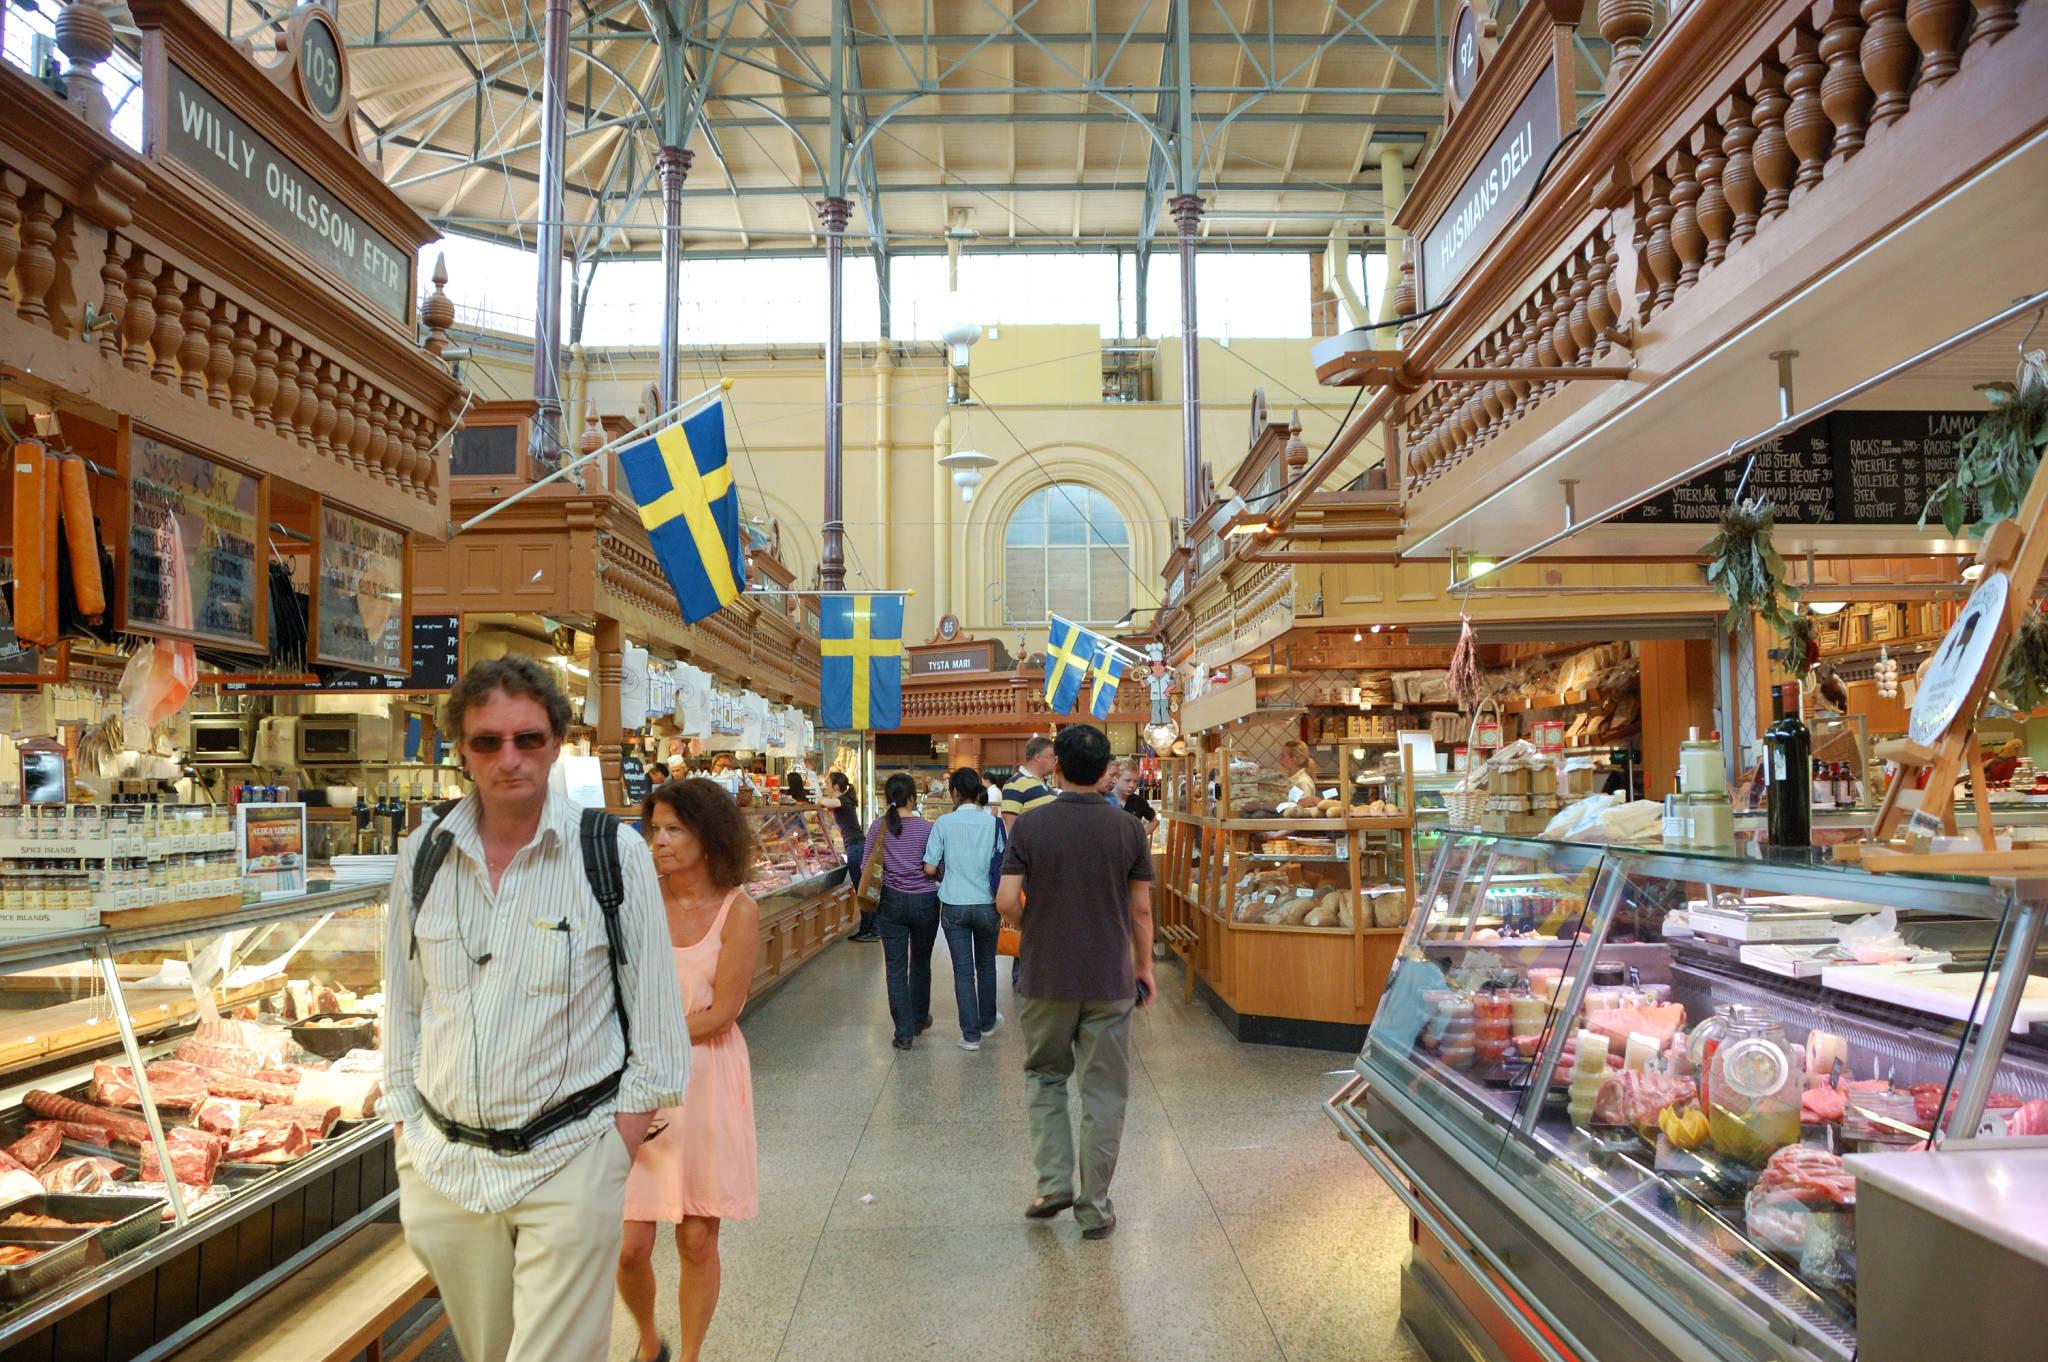 eskort sweden dating site sverige